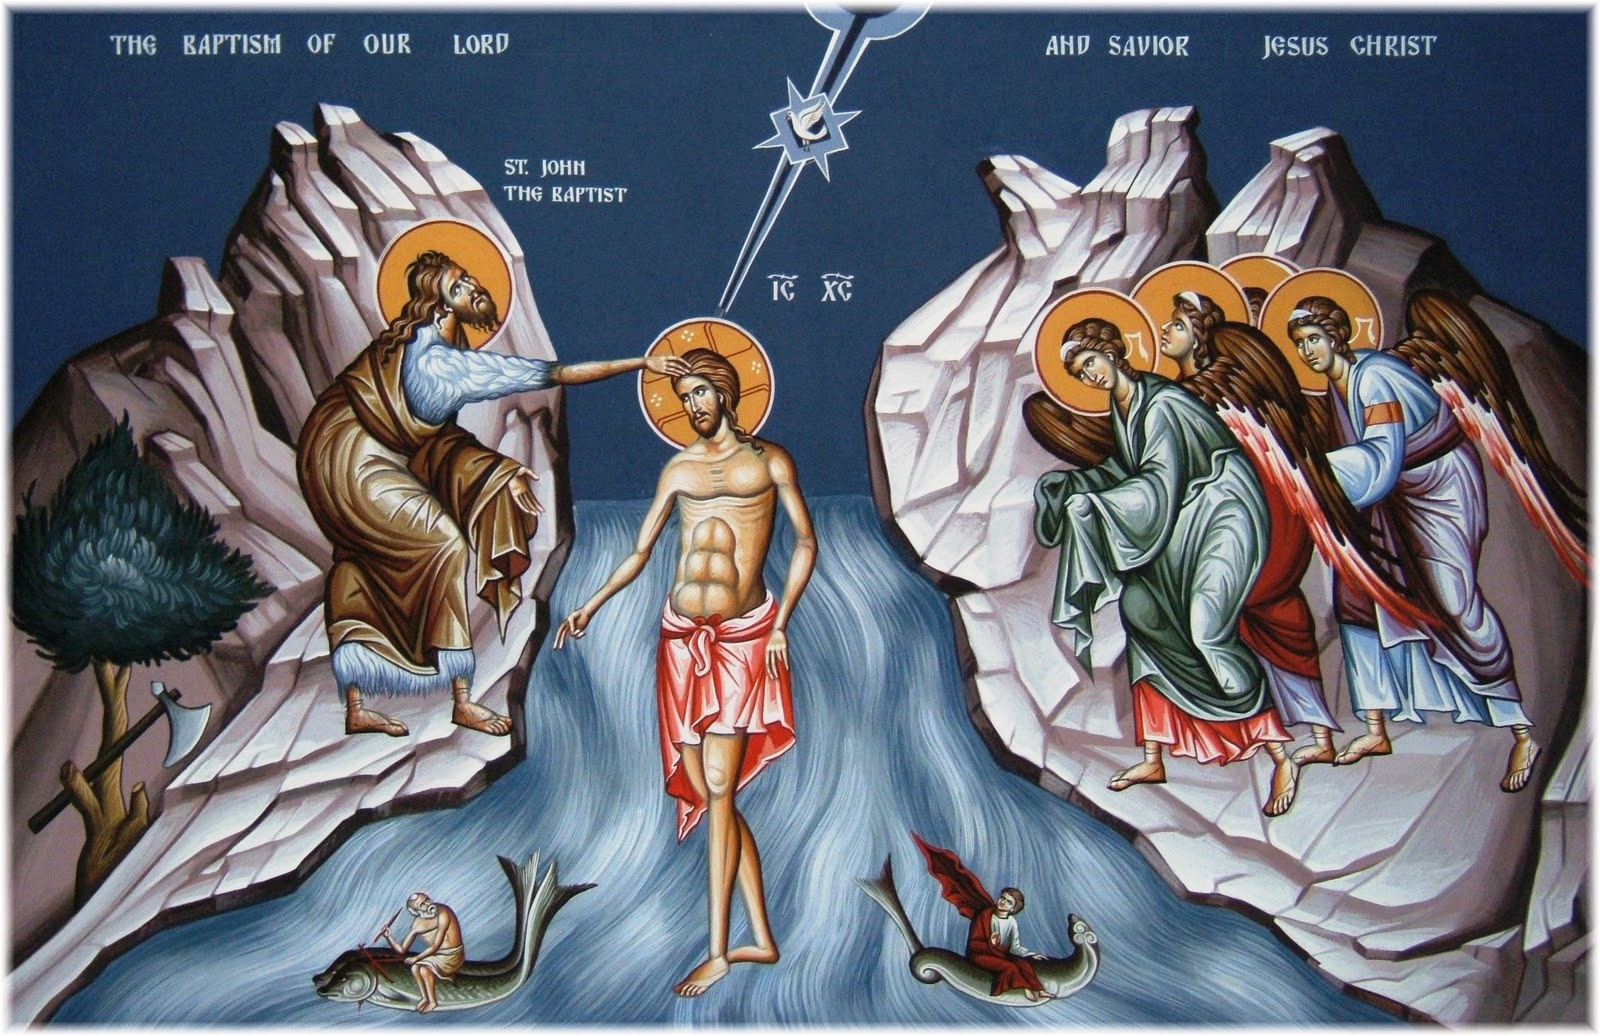 botezul-domnului-_-boboteaz.jpg